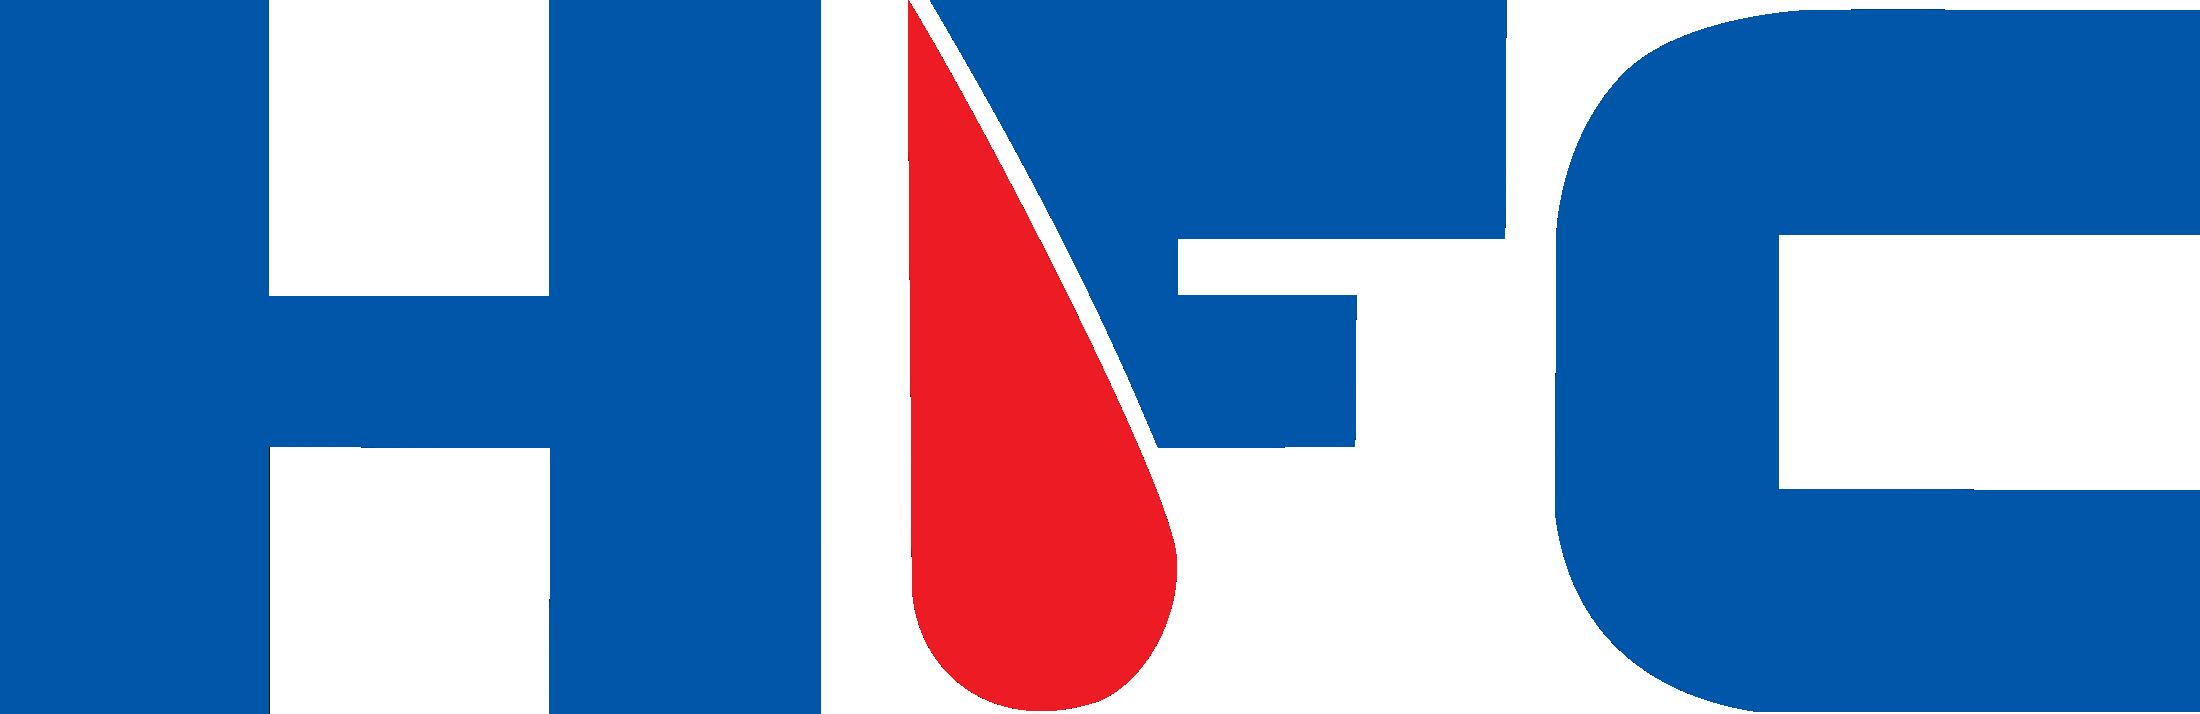 Công ty Cổ phần xăng dầu chất đốt Hà Nội